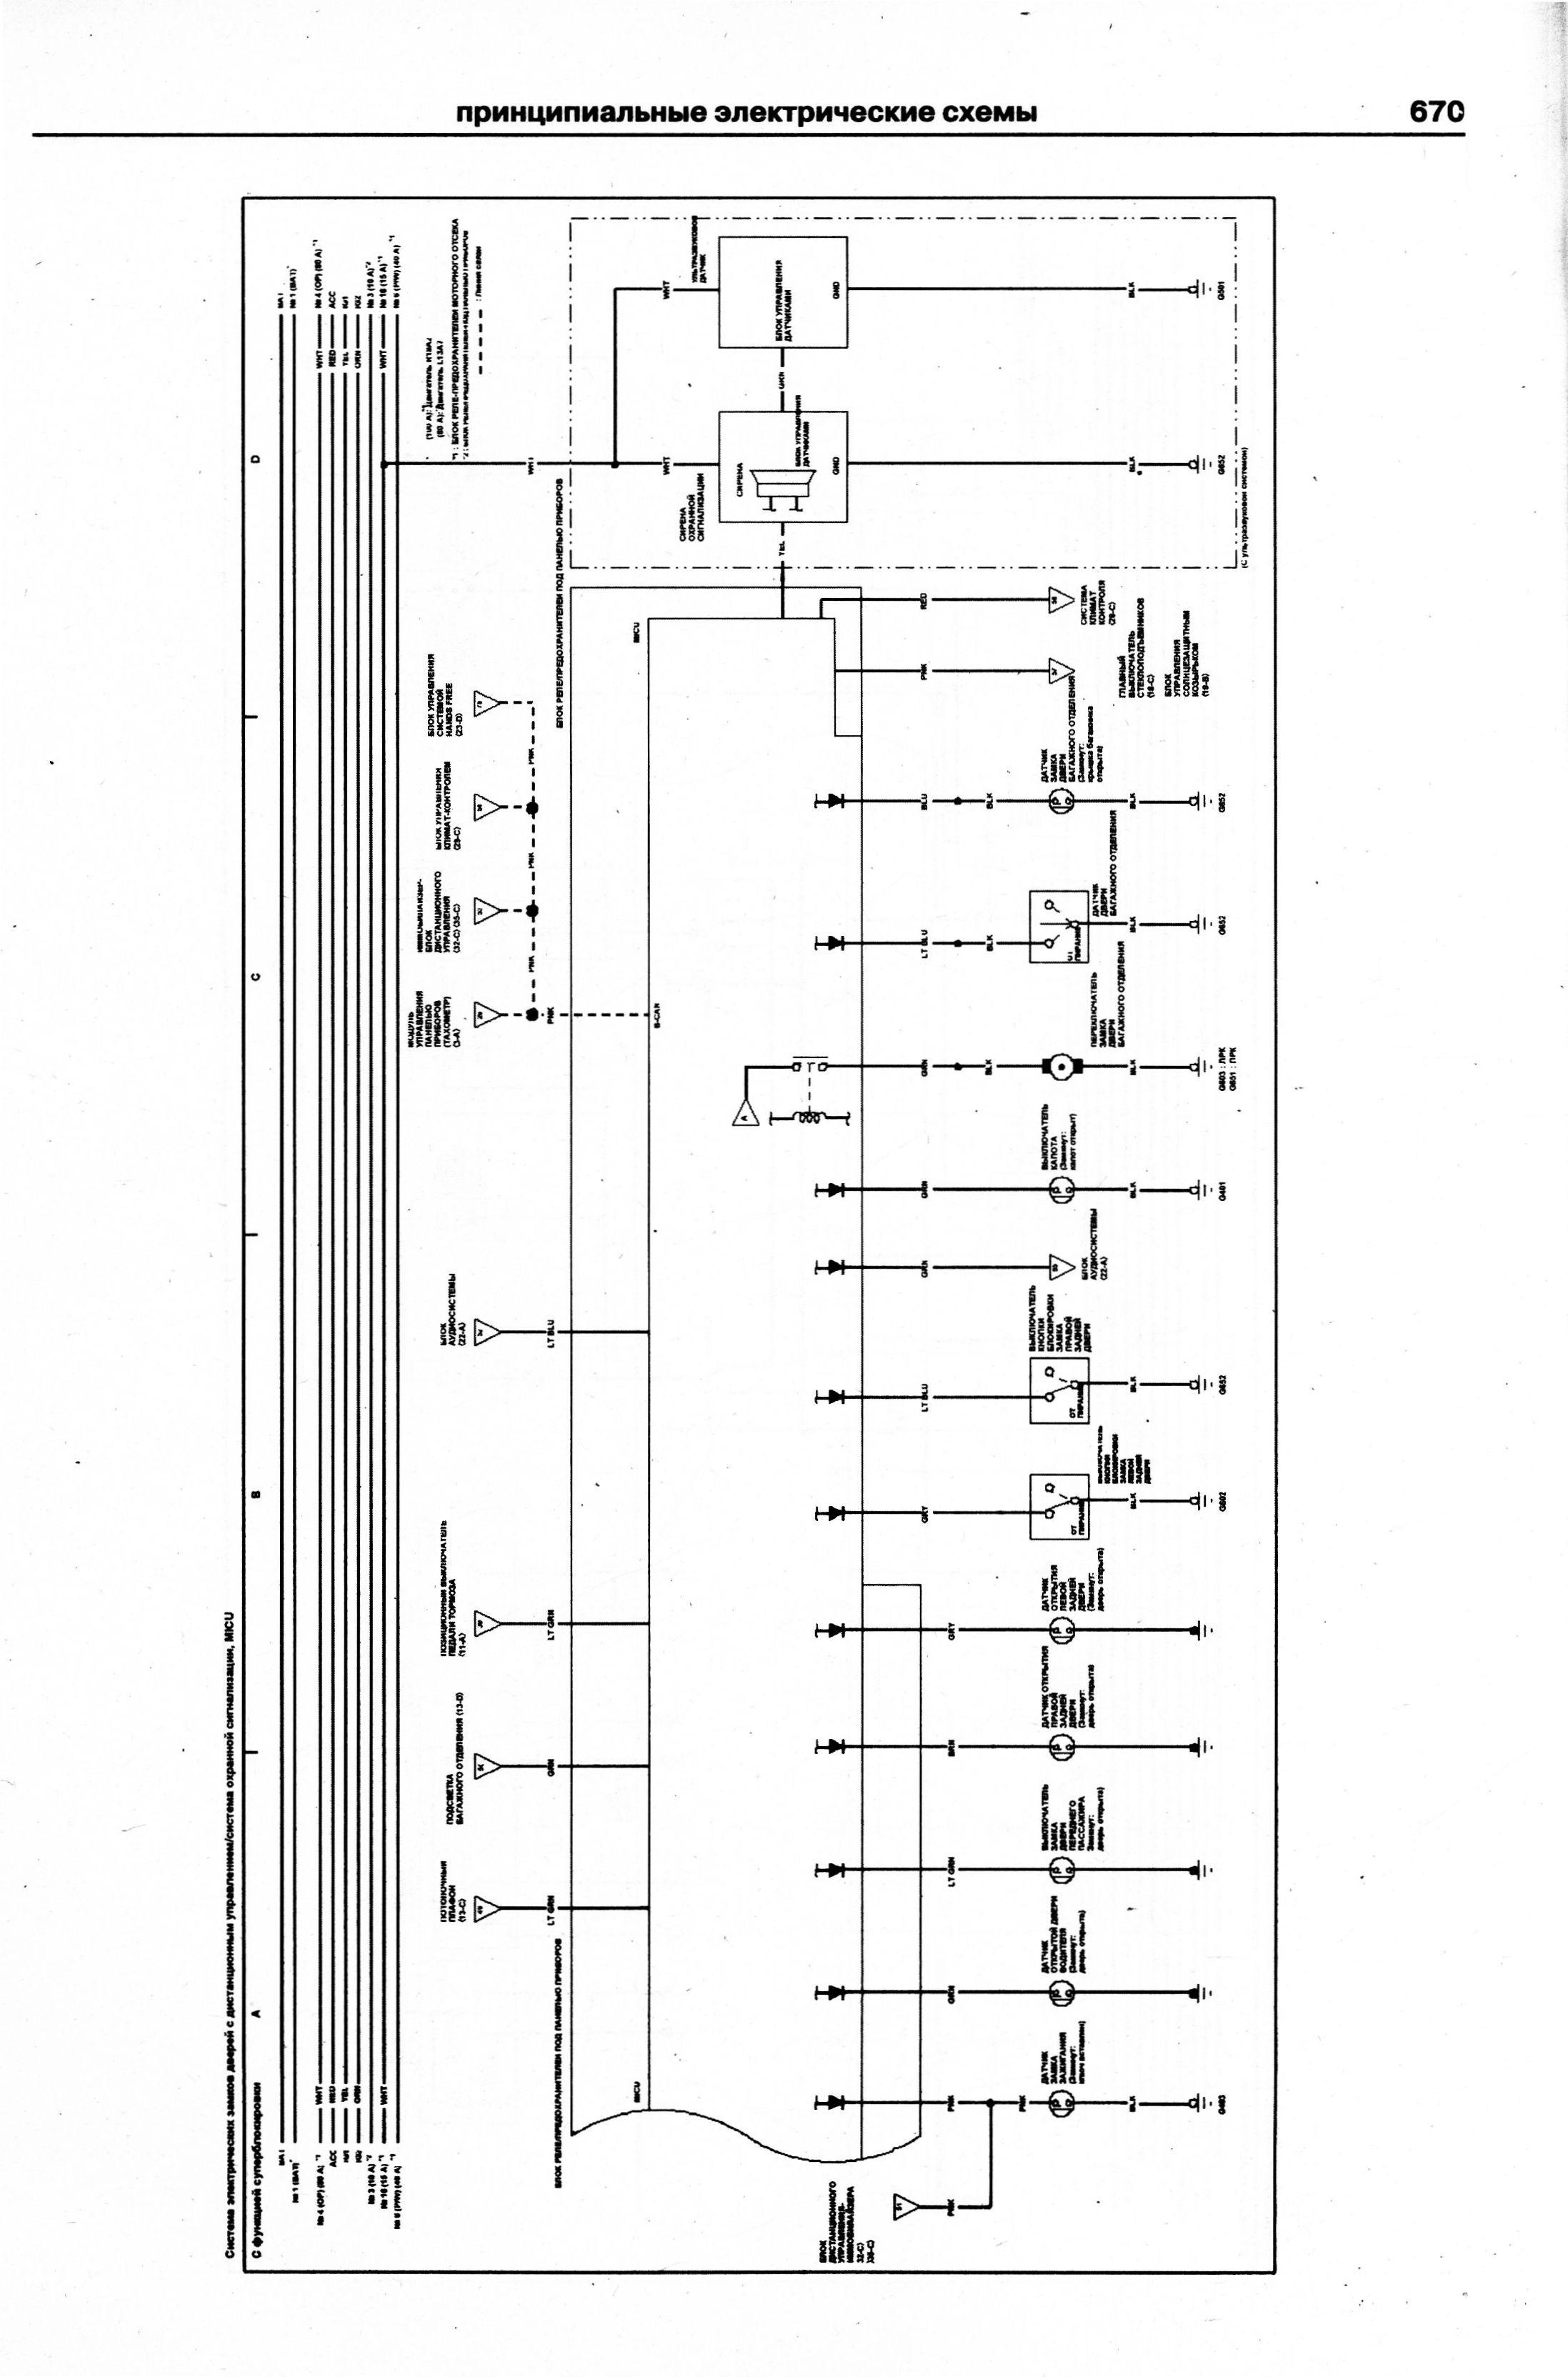 Инструкция по эксплуатации Хонда Цивик 4d 2008